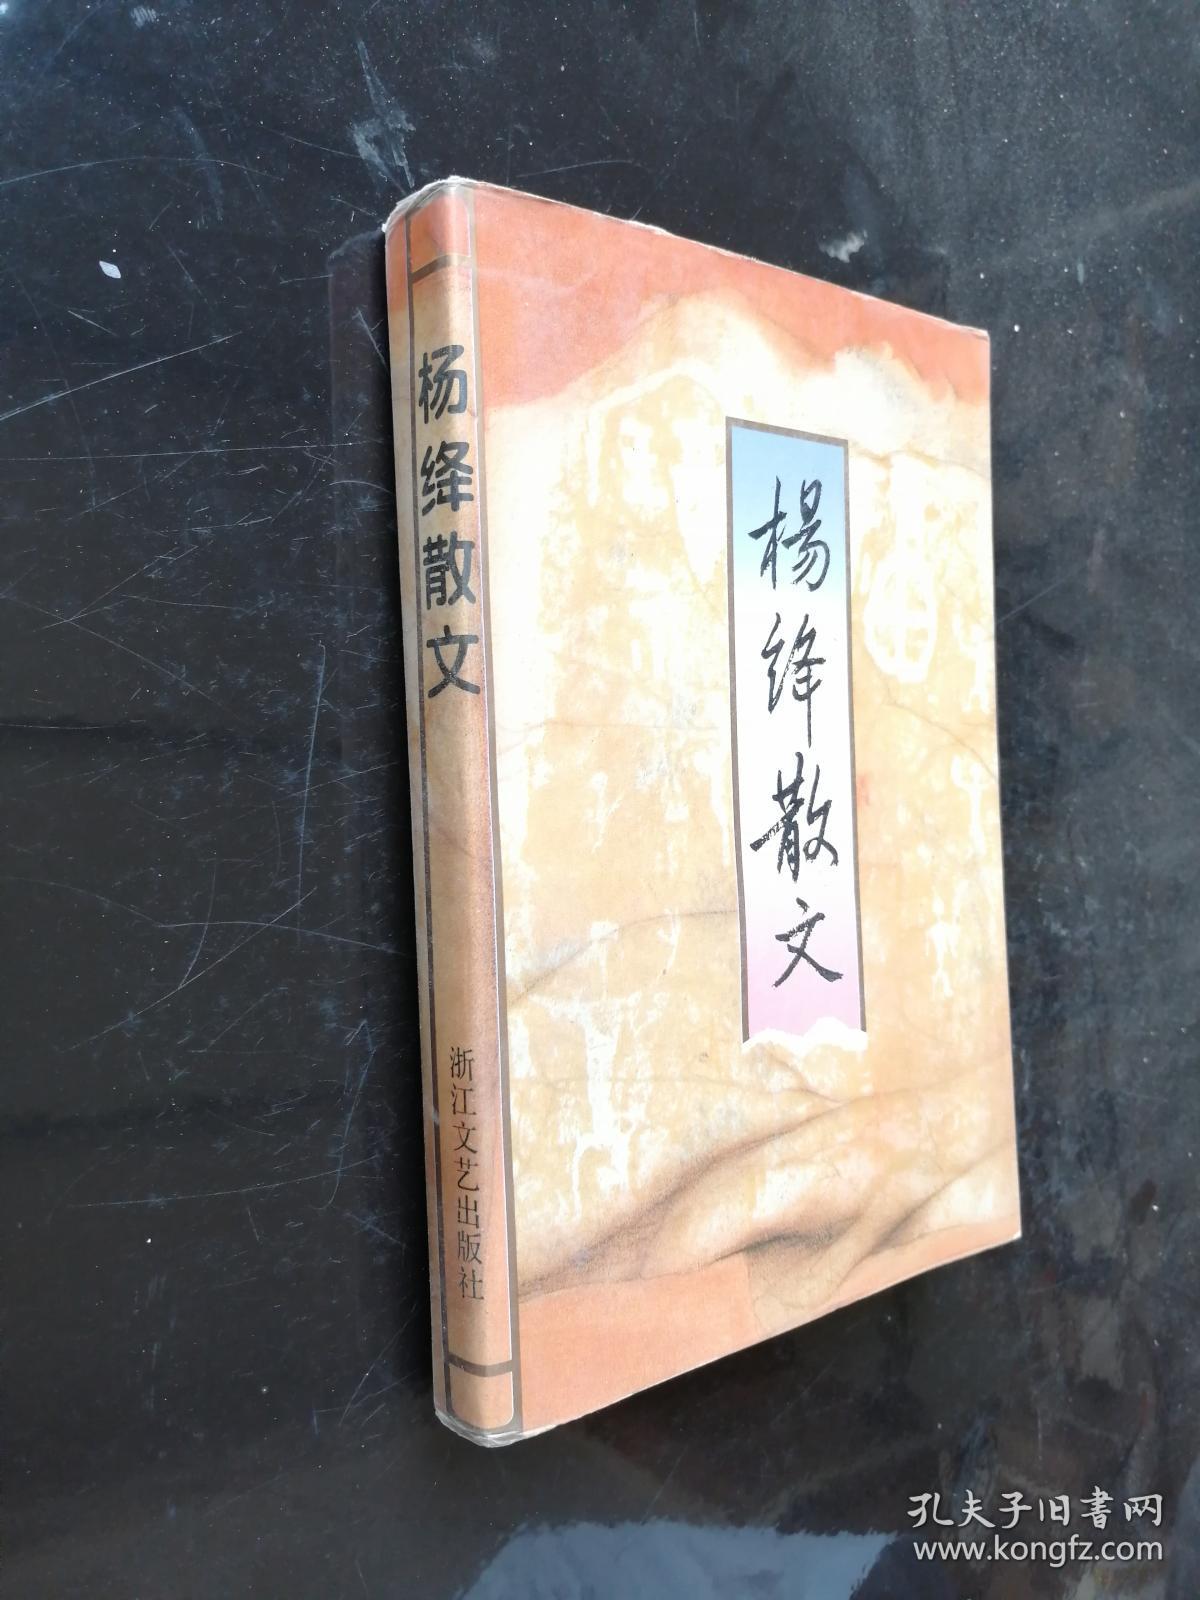 楊江的經典散文有什么情感?